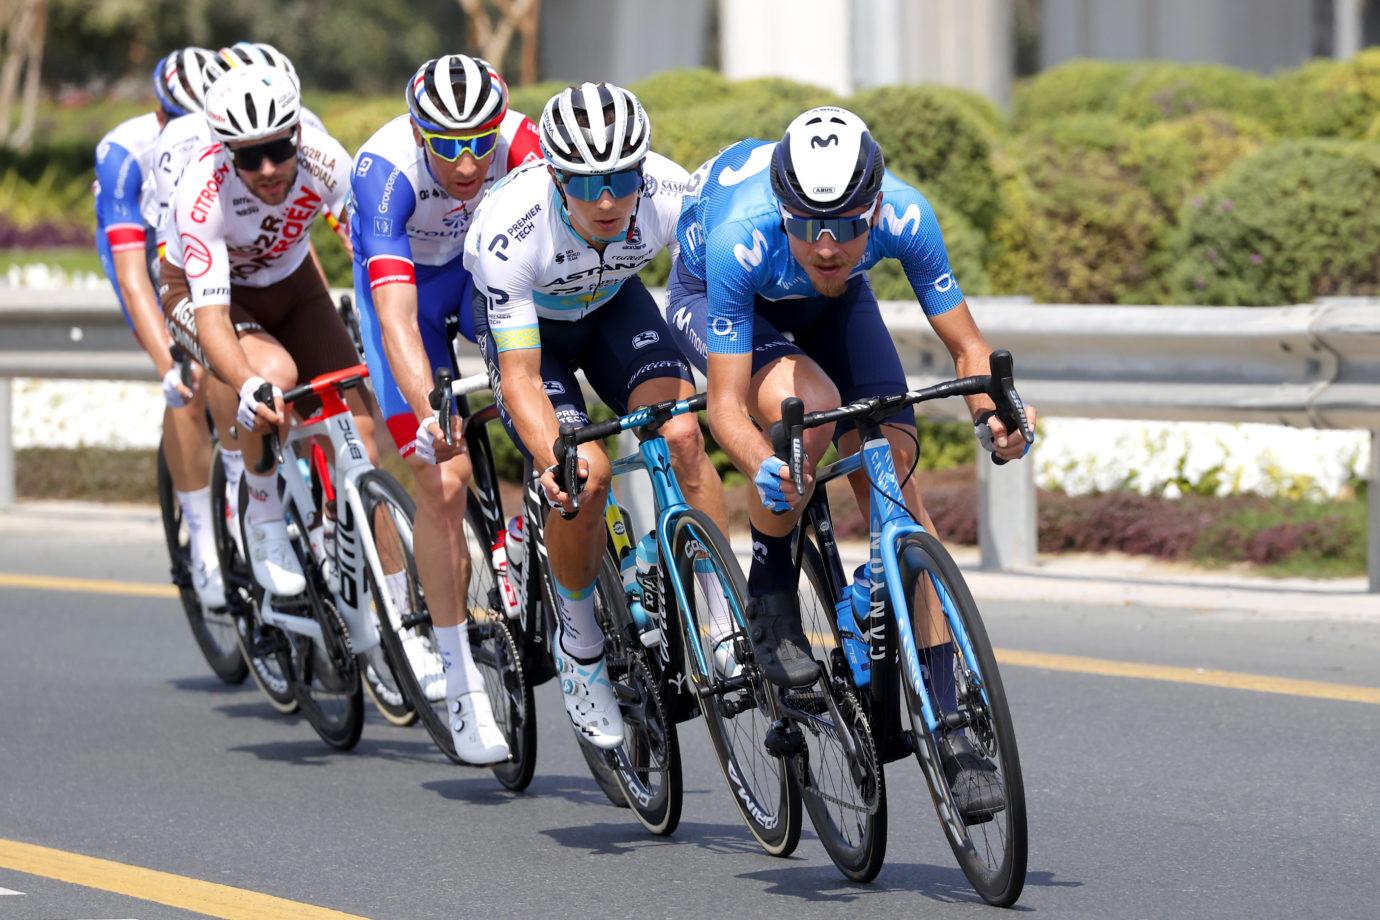 Imagen de la noticia 'Iñigo Elosegui into stage six breakaway in Dubai'